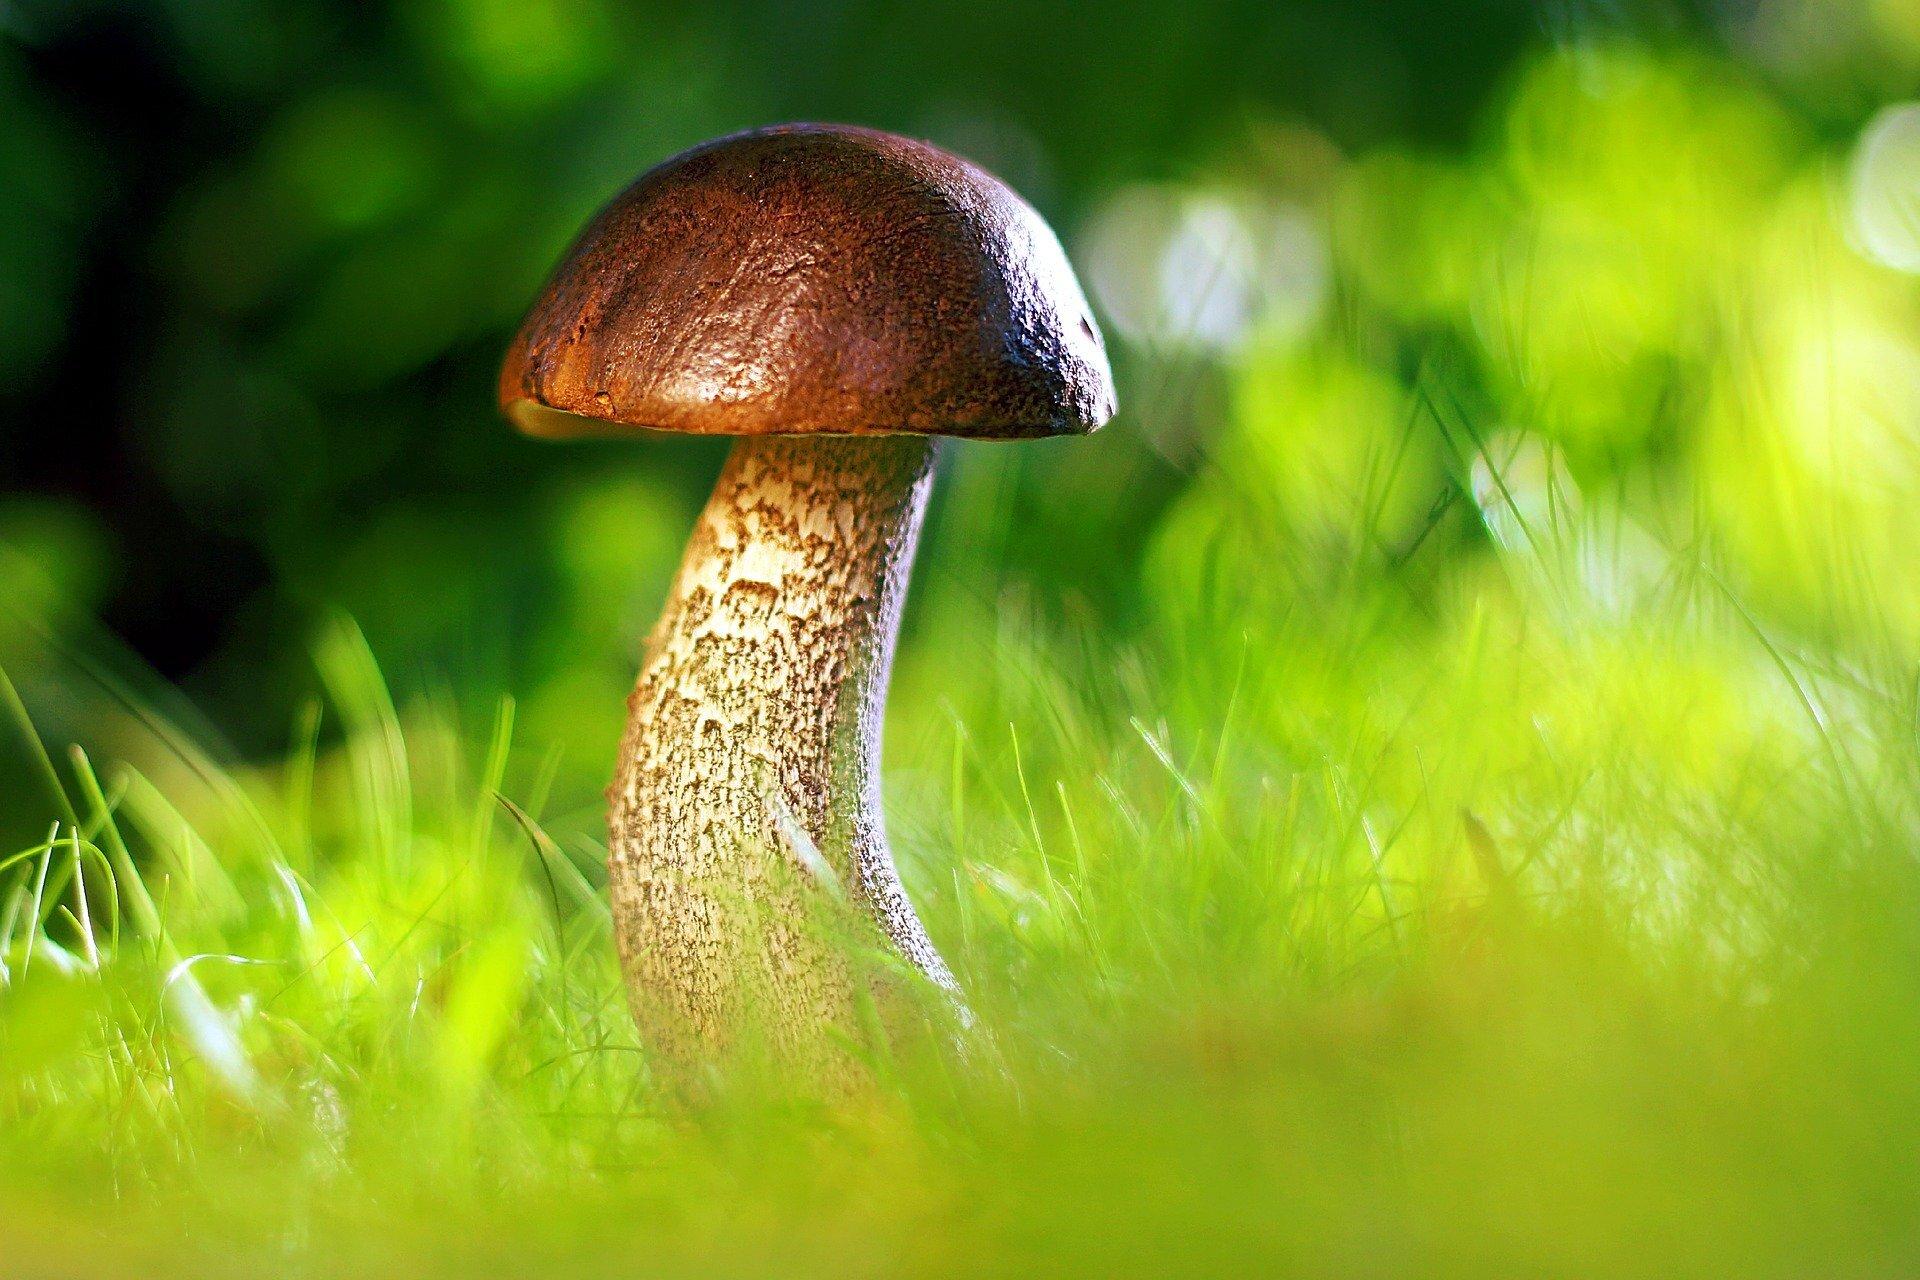 mushroom-3587888_1920